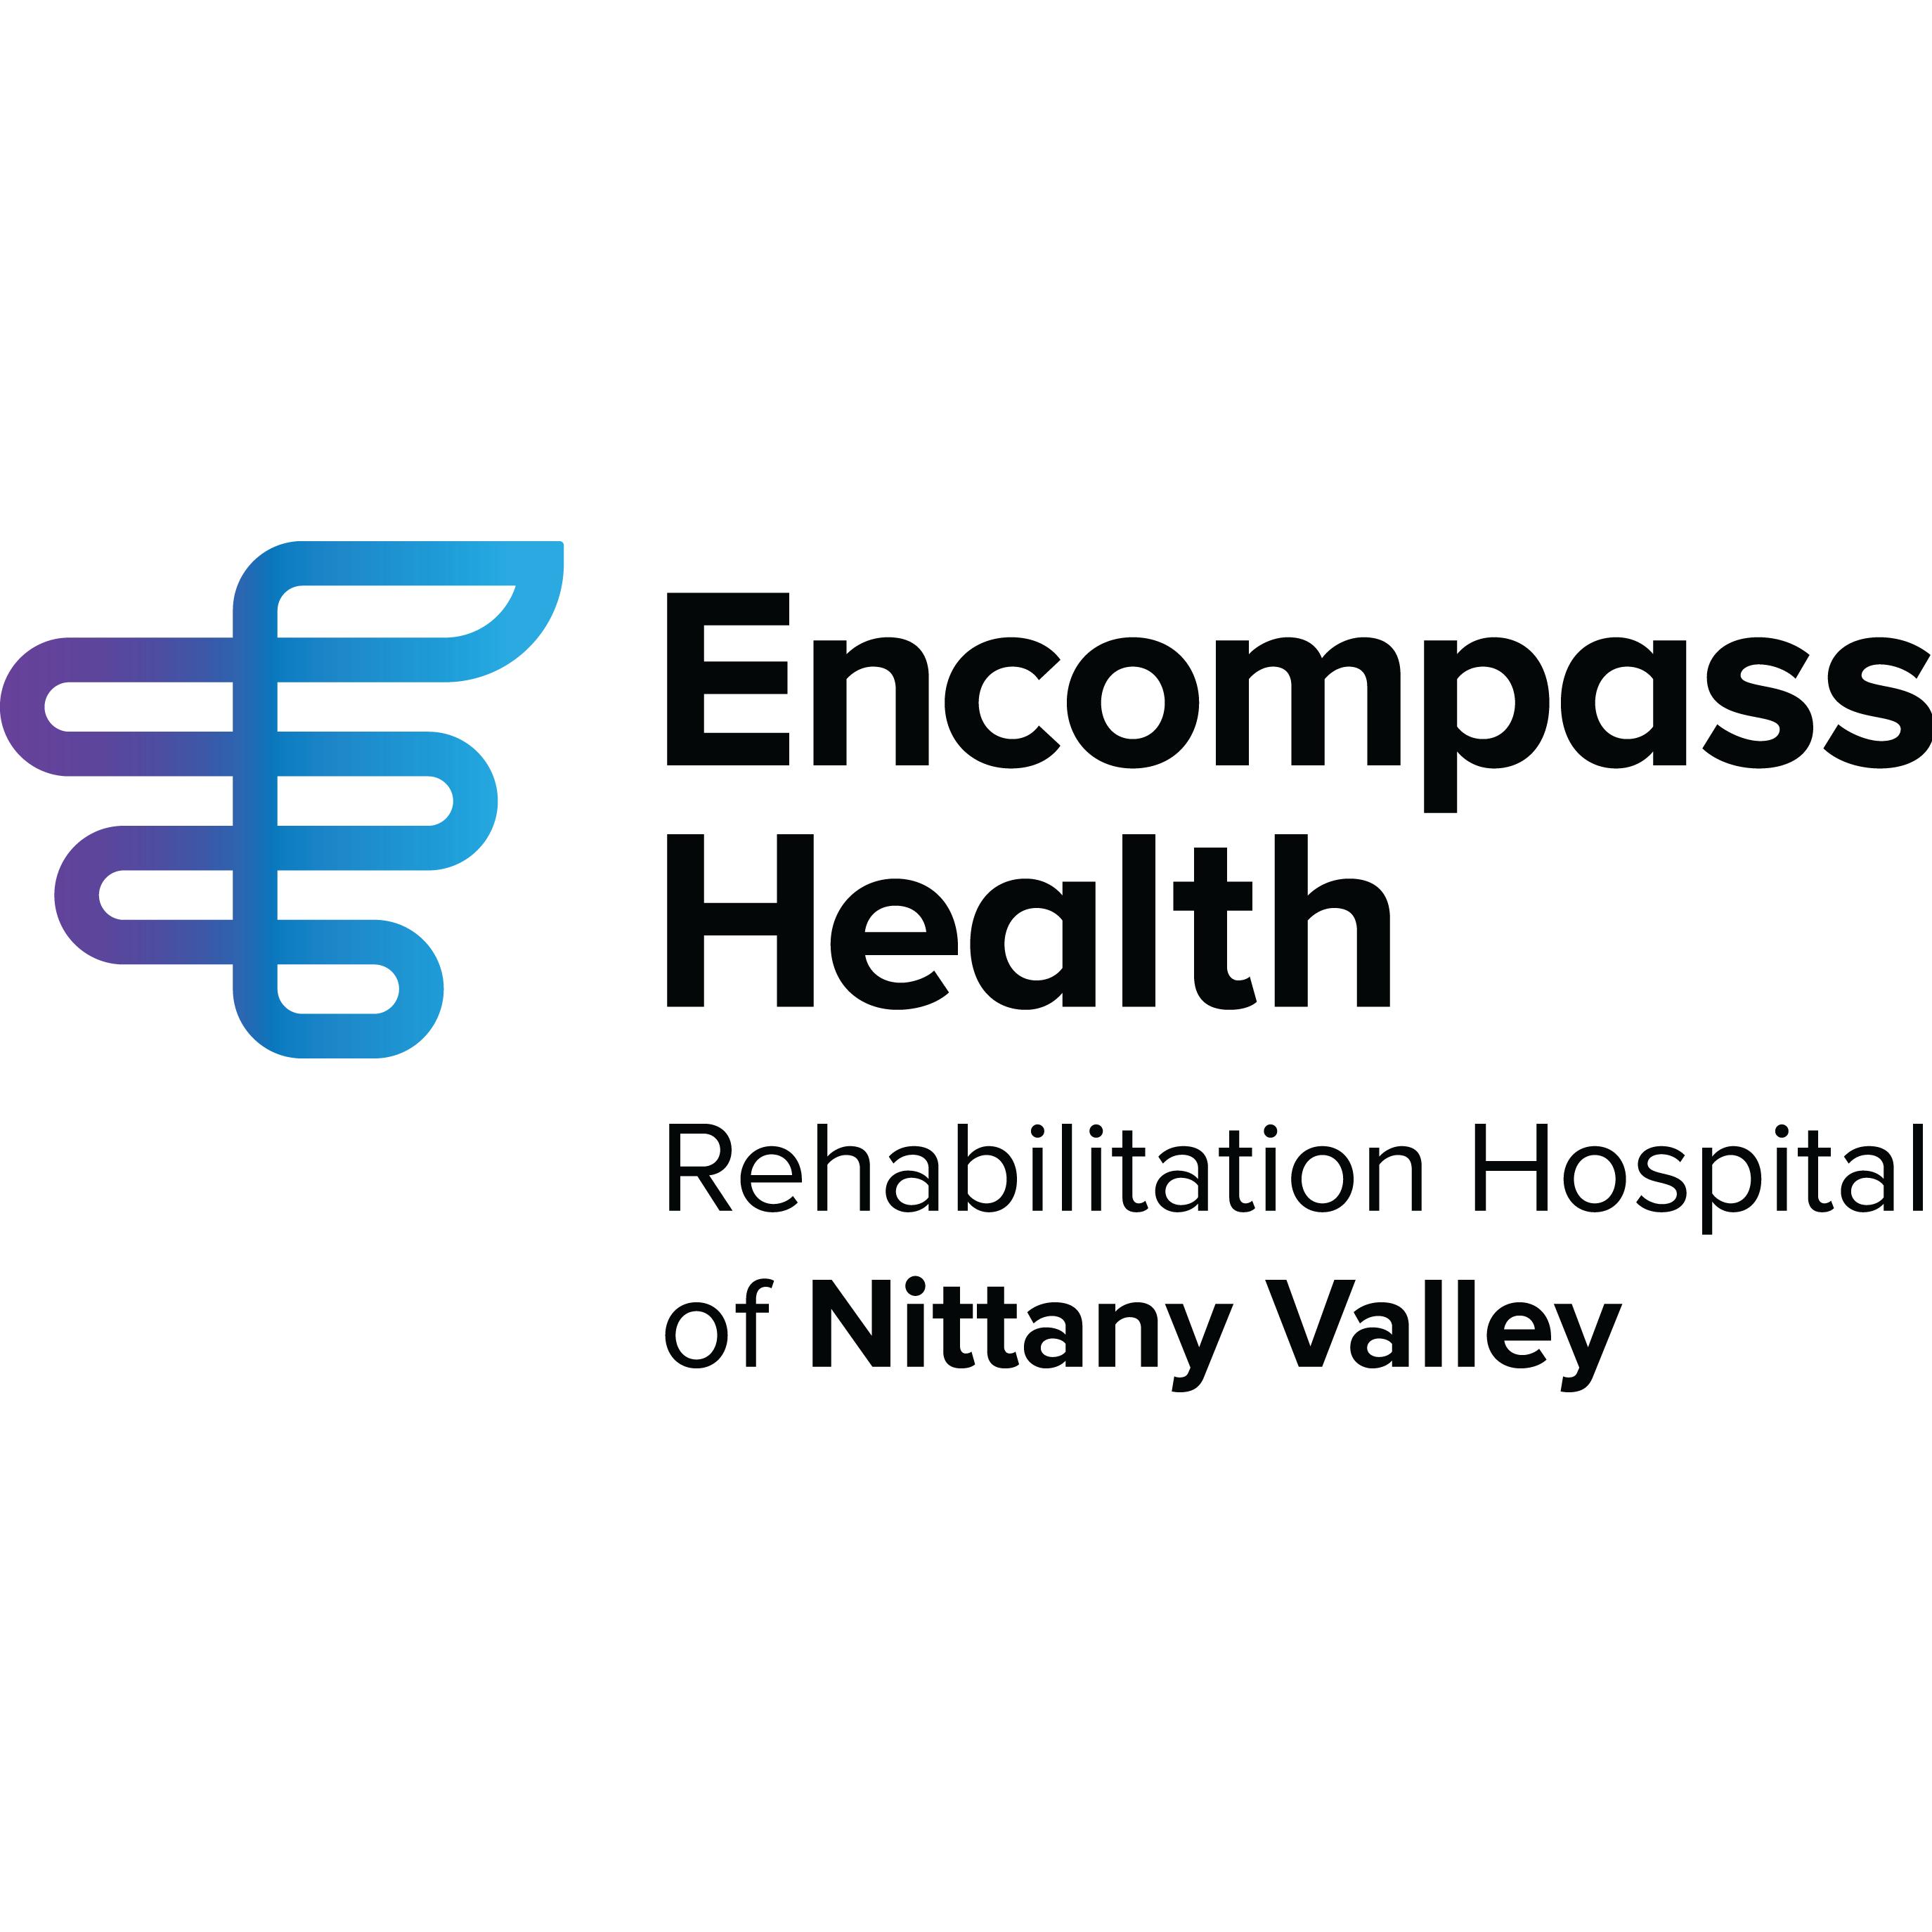 Encompass Health Rehabilitation Hospital of Nittany Valley